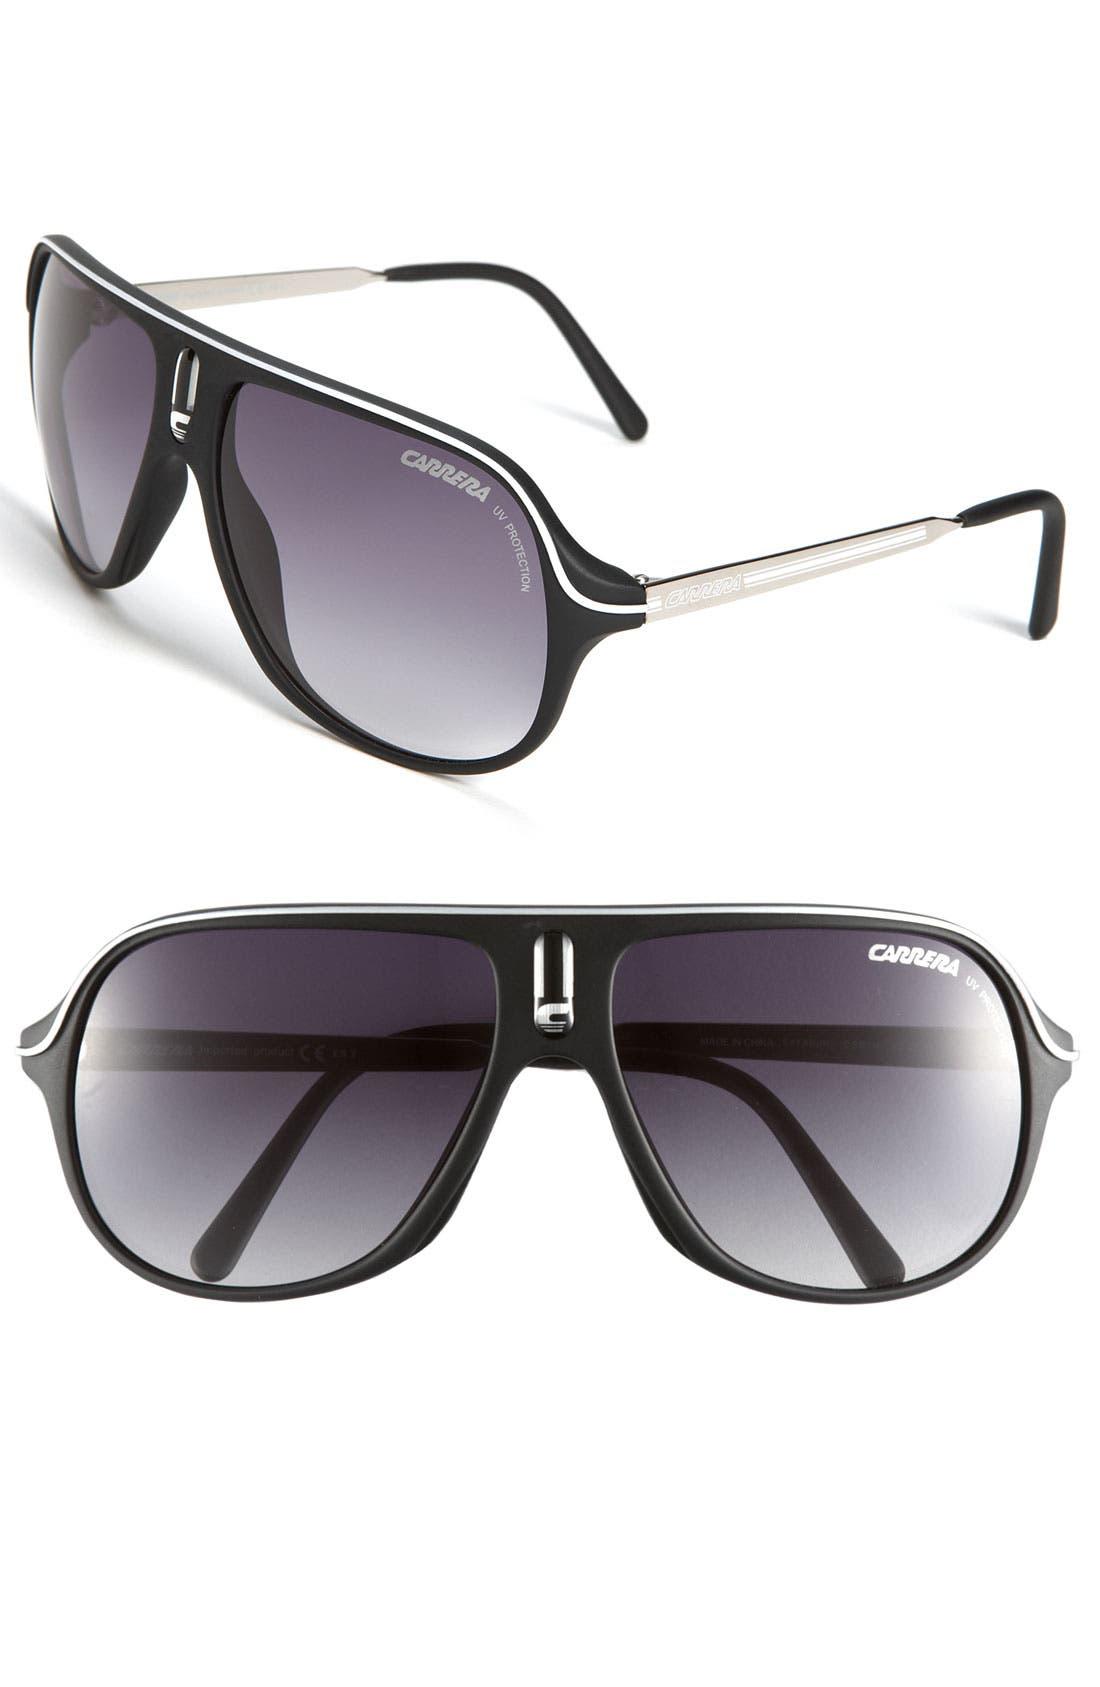 Main Image - Carrera Eyewear 'Safarrs' 62mm Aviator Sunglasses